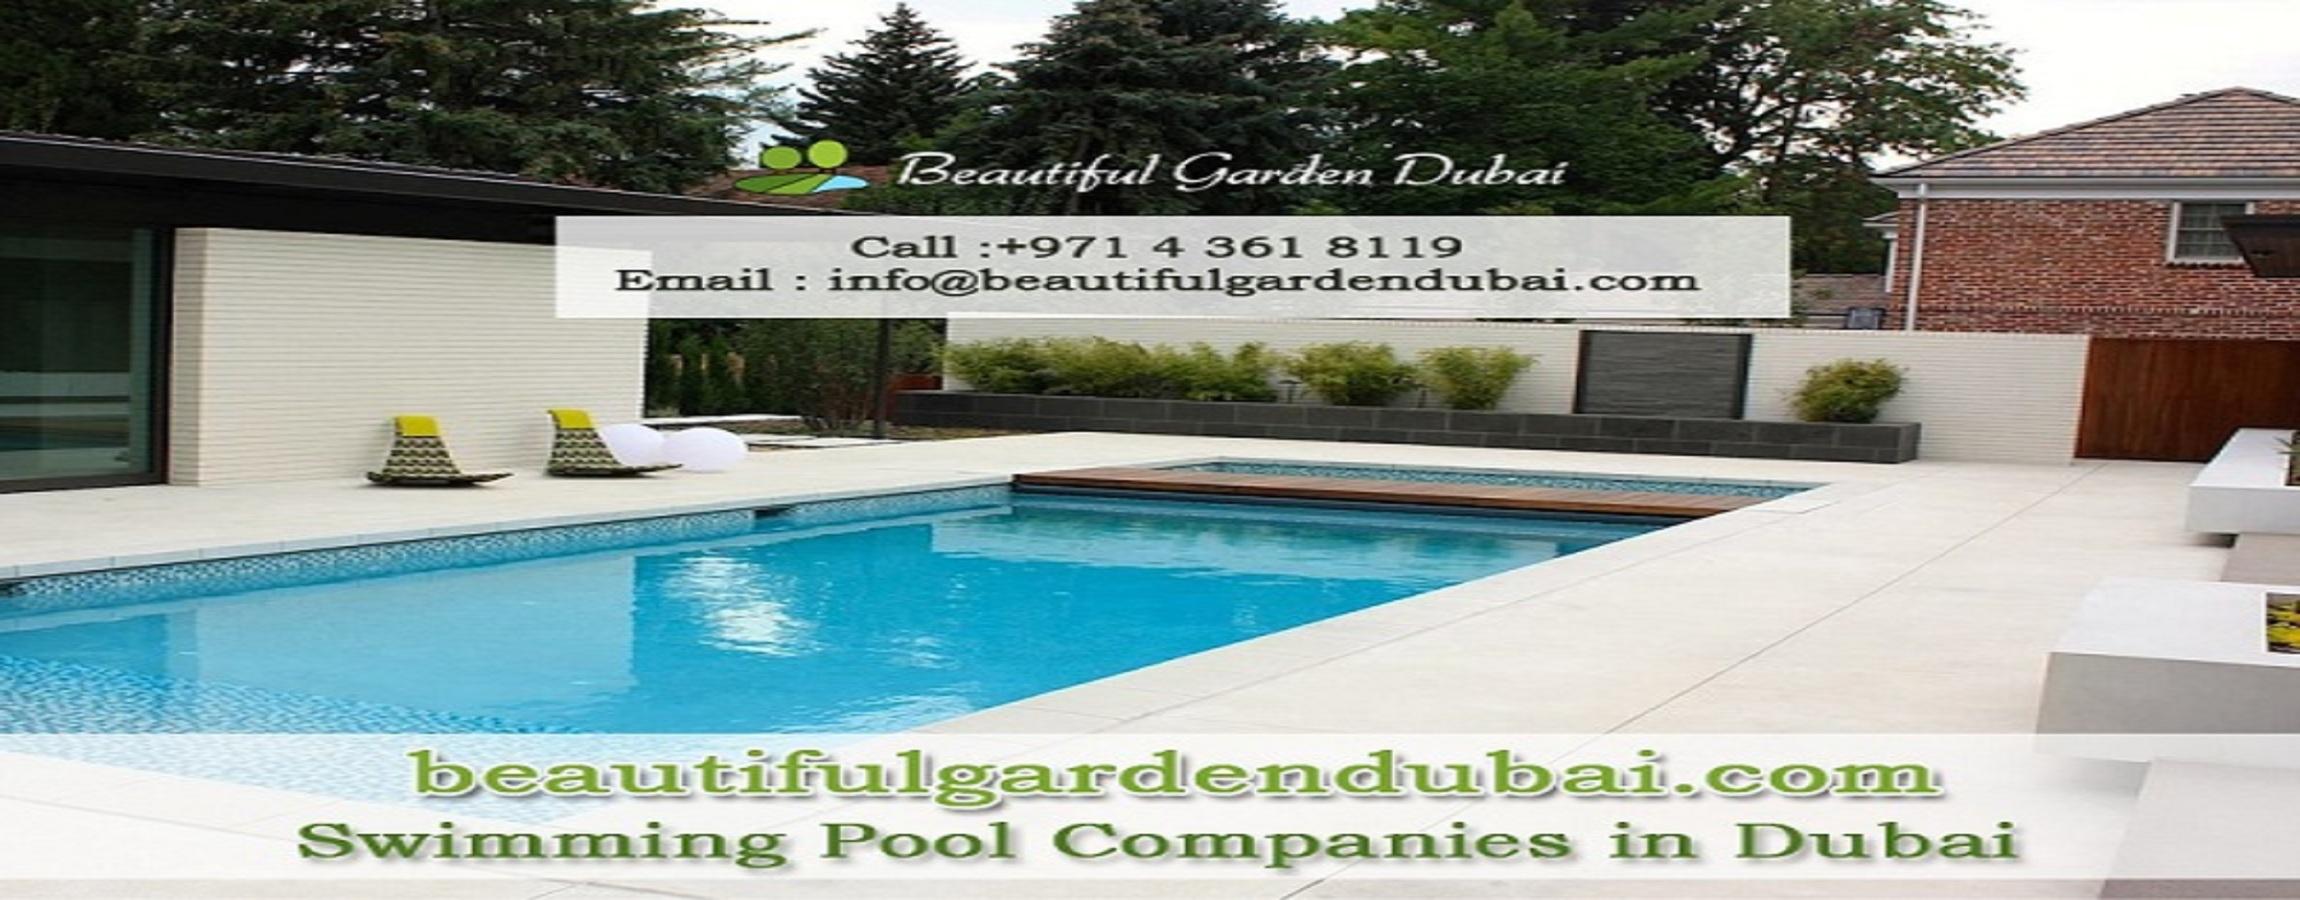 Swimming pool companies in Dubai, swimming pool contractors in Dubai, landscape maintenance companie